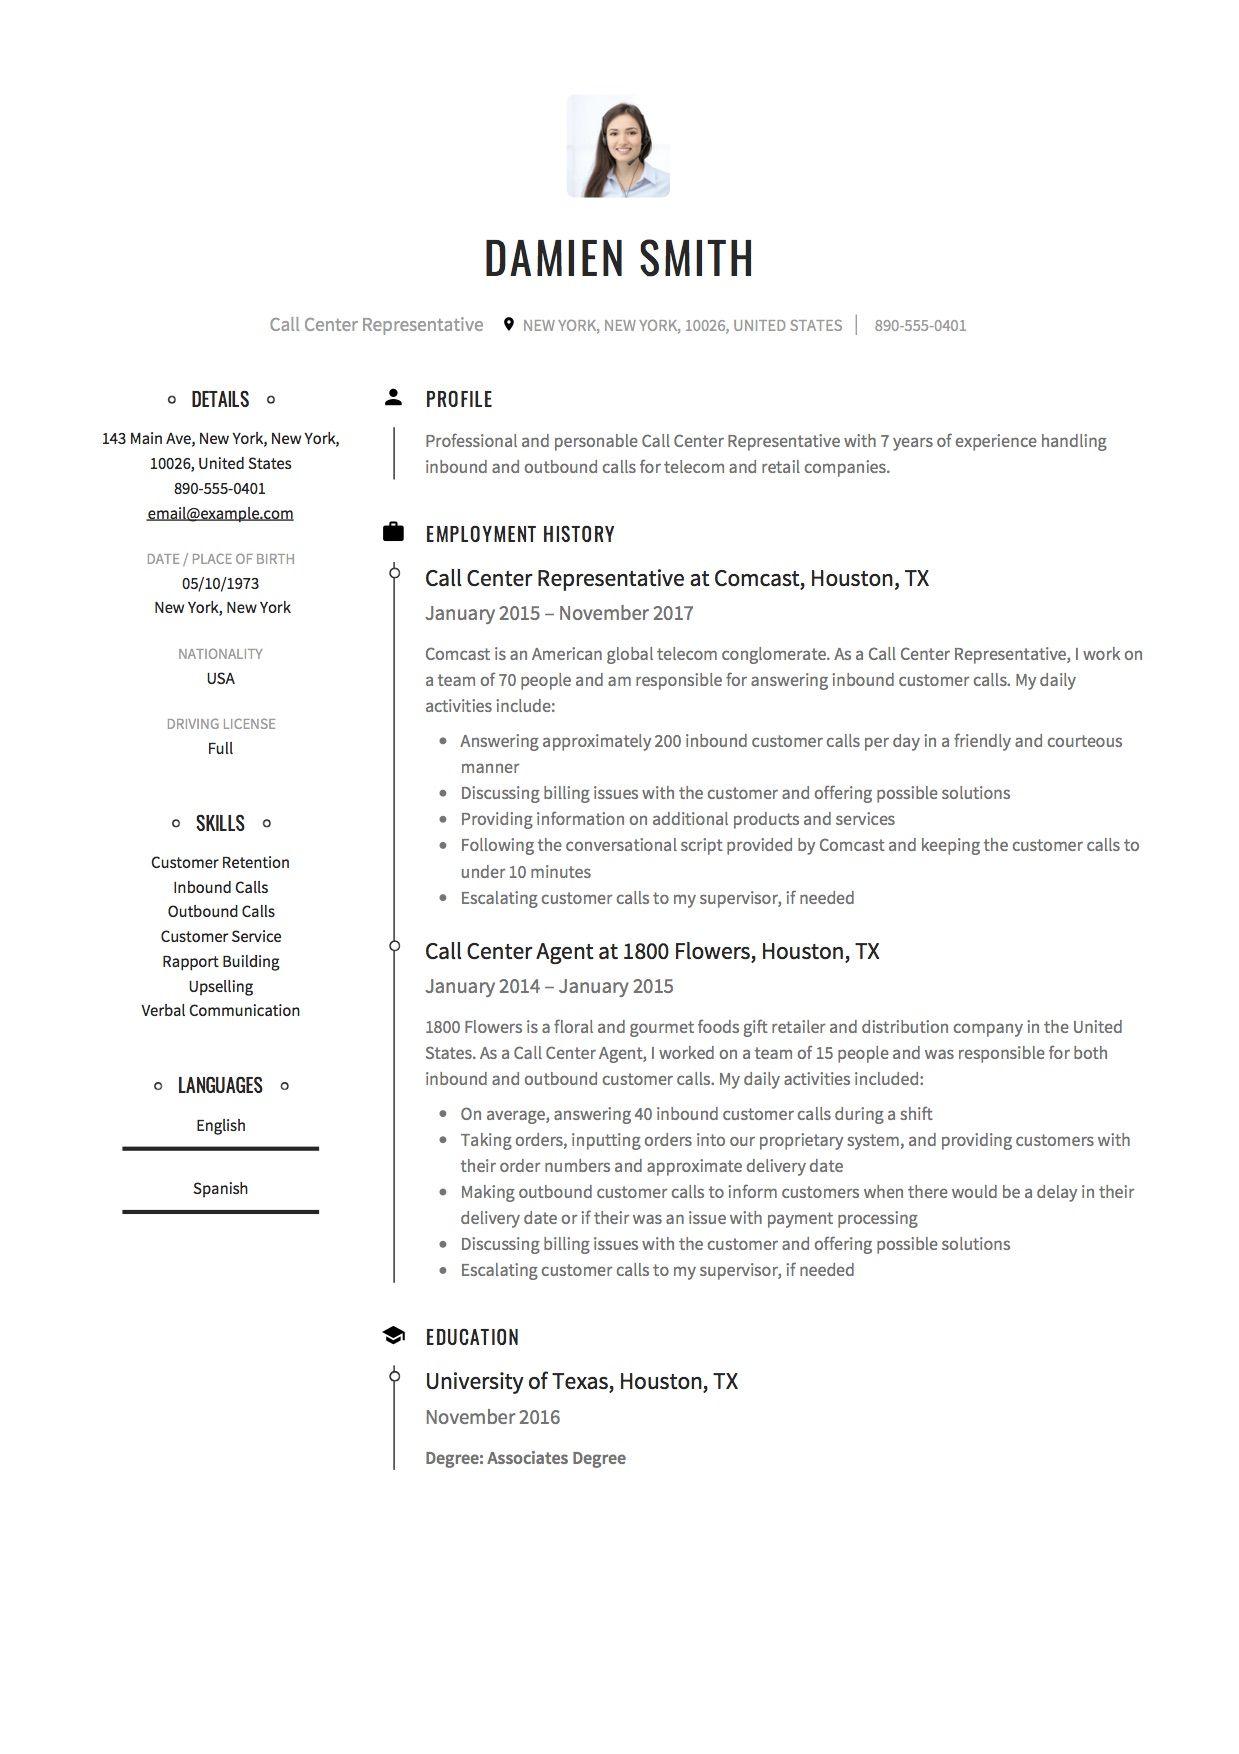 Call Center Resume & Guide Resume guide, Resume